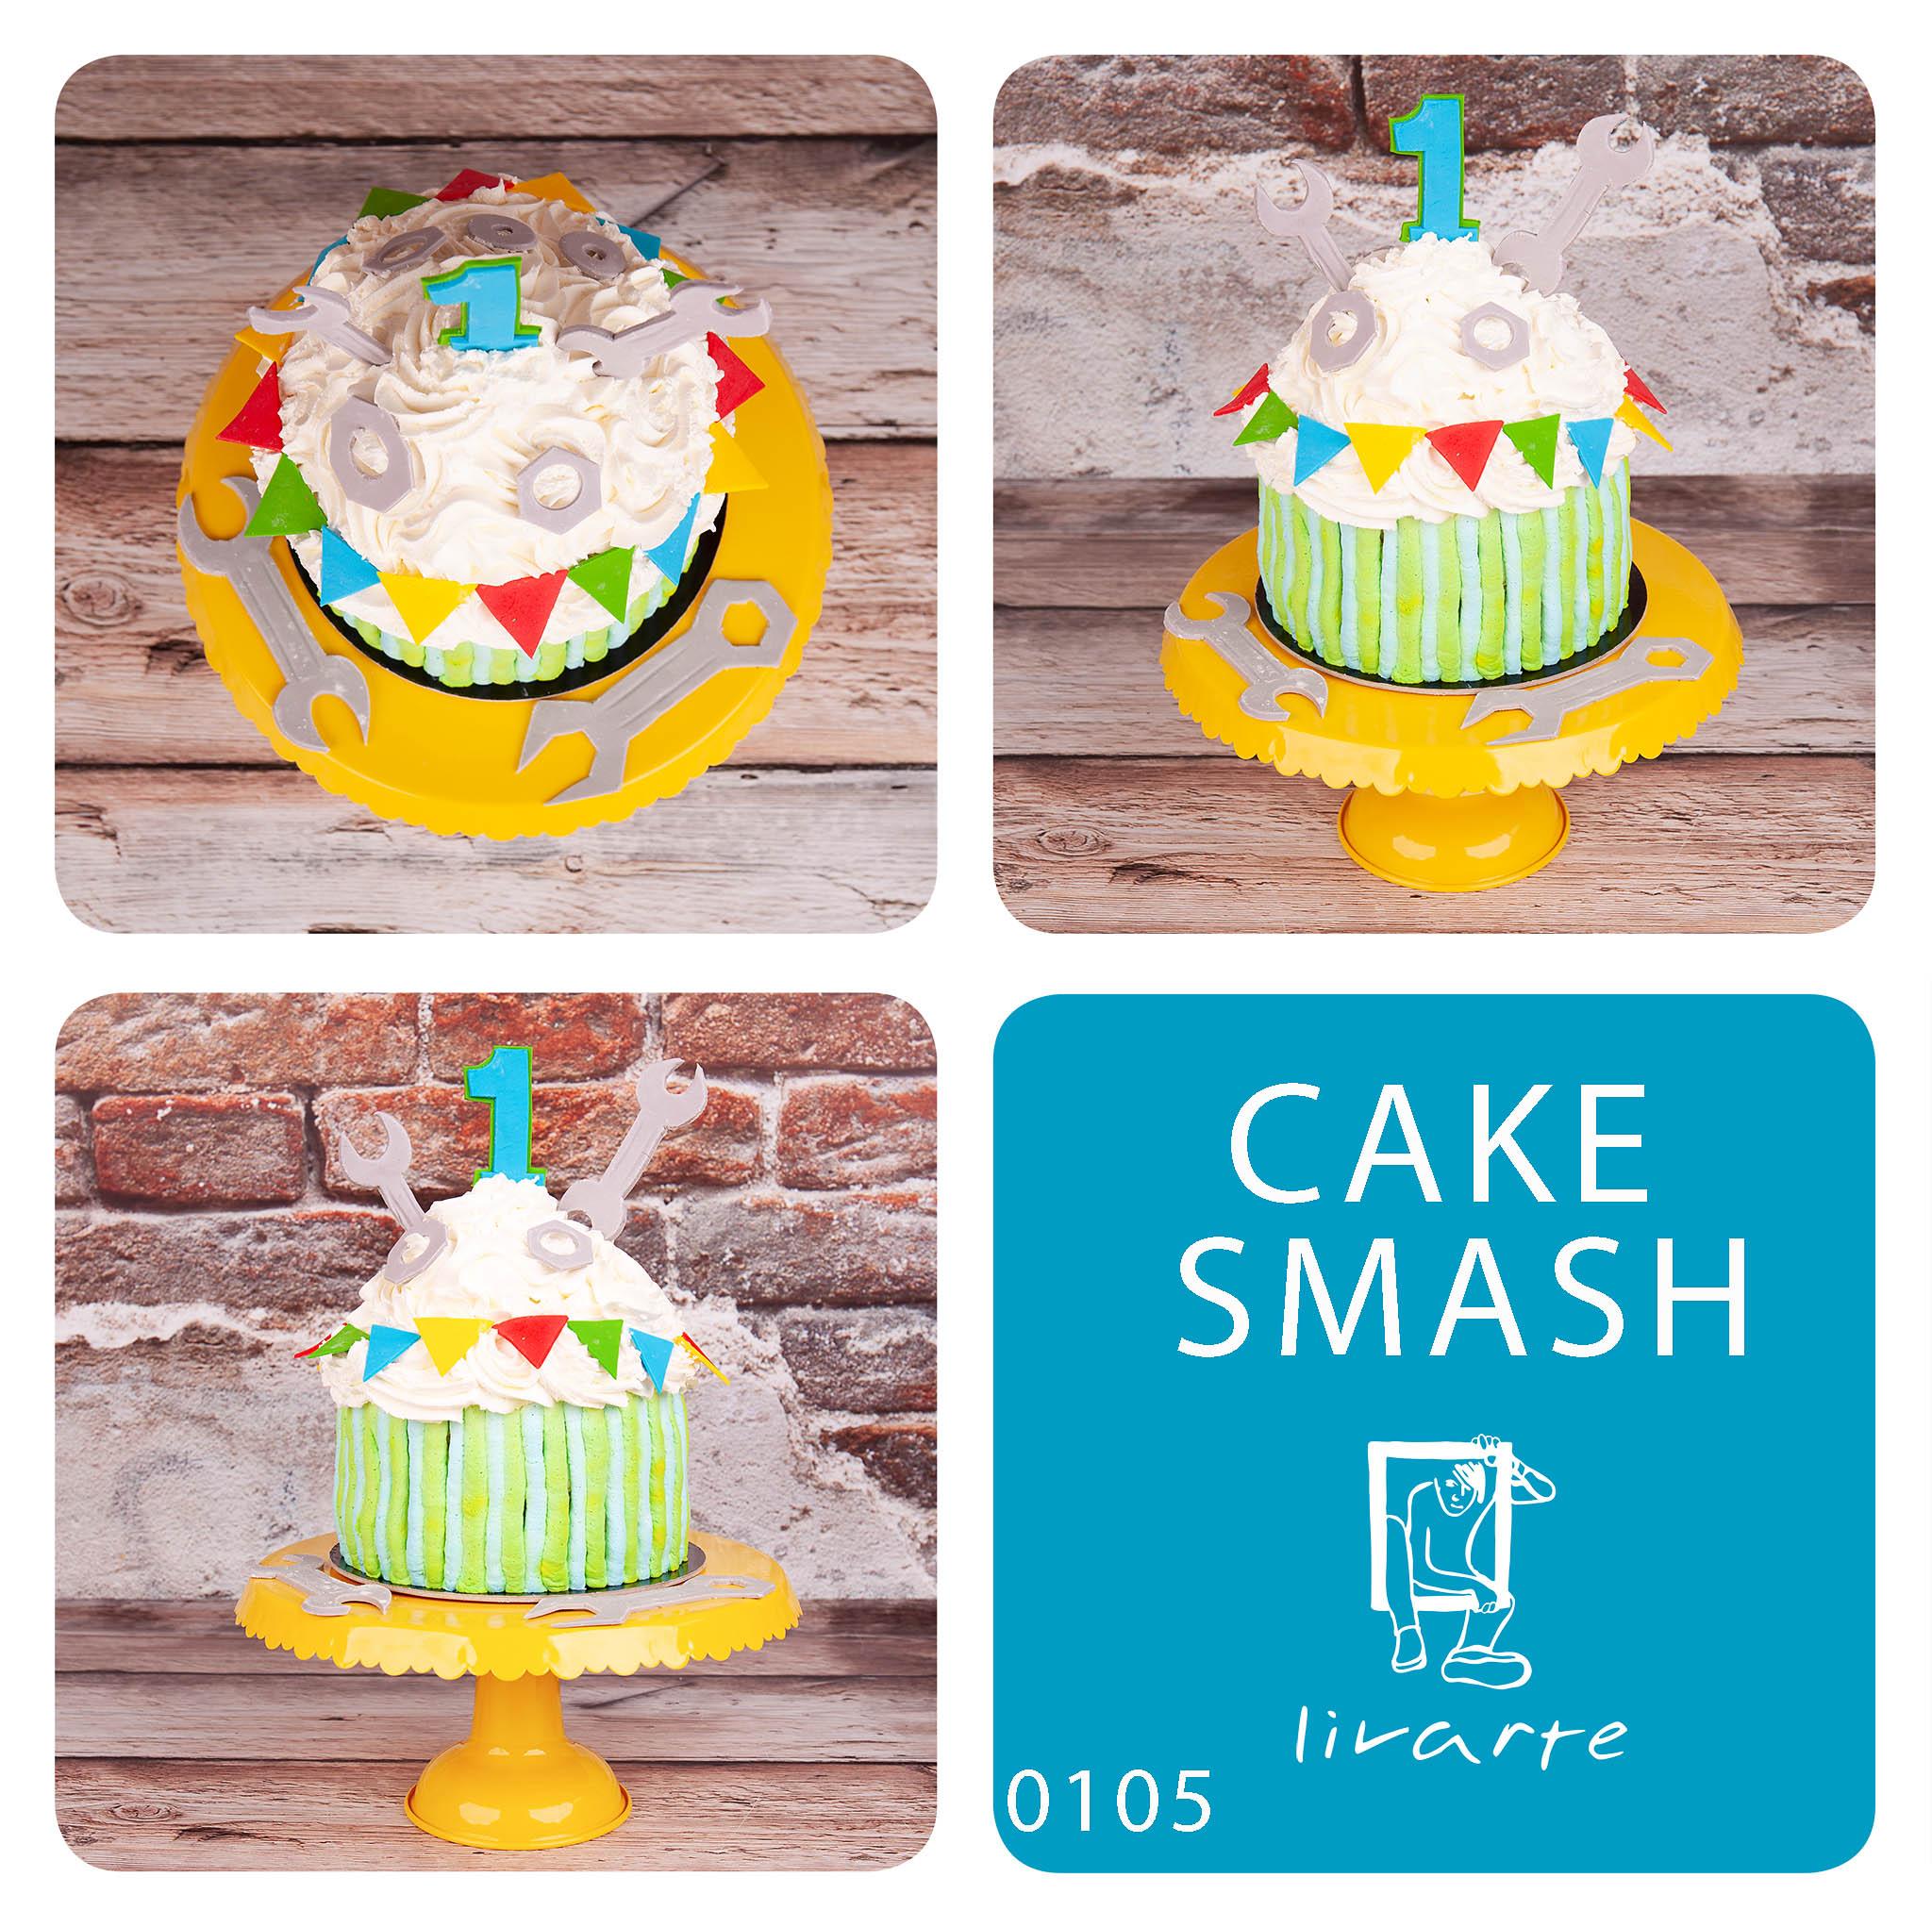 Livarte - Sesja Cake Smash